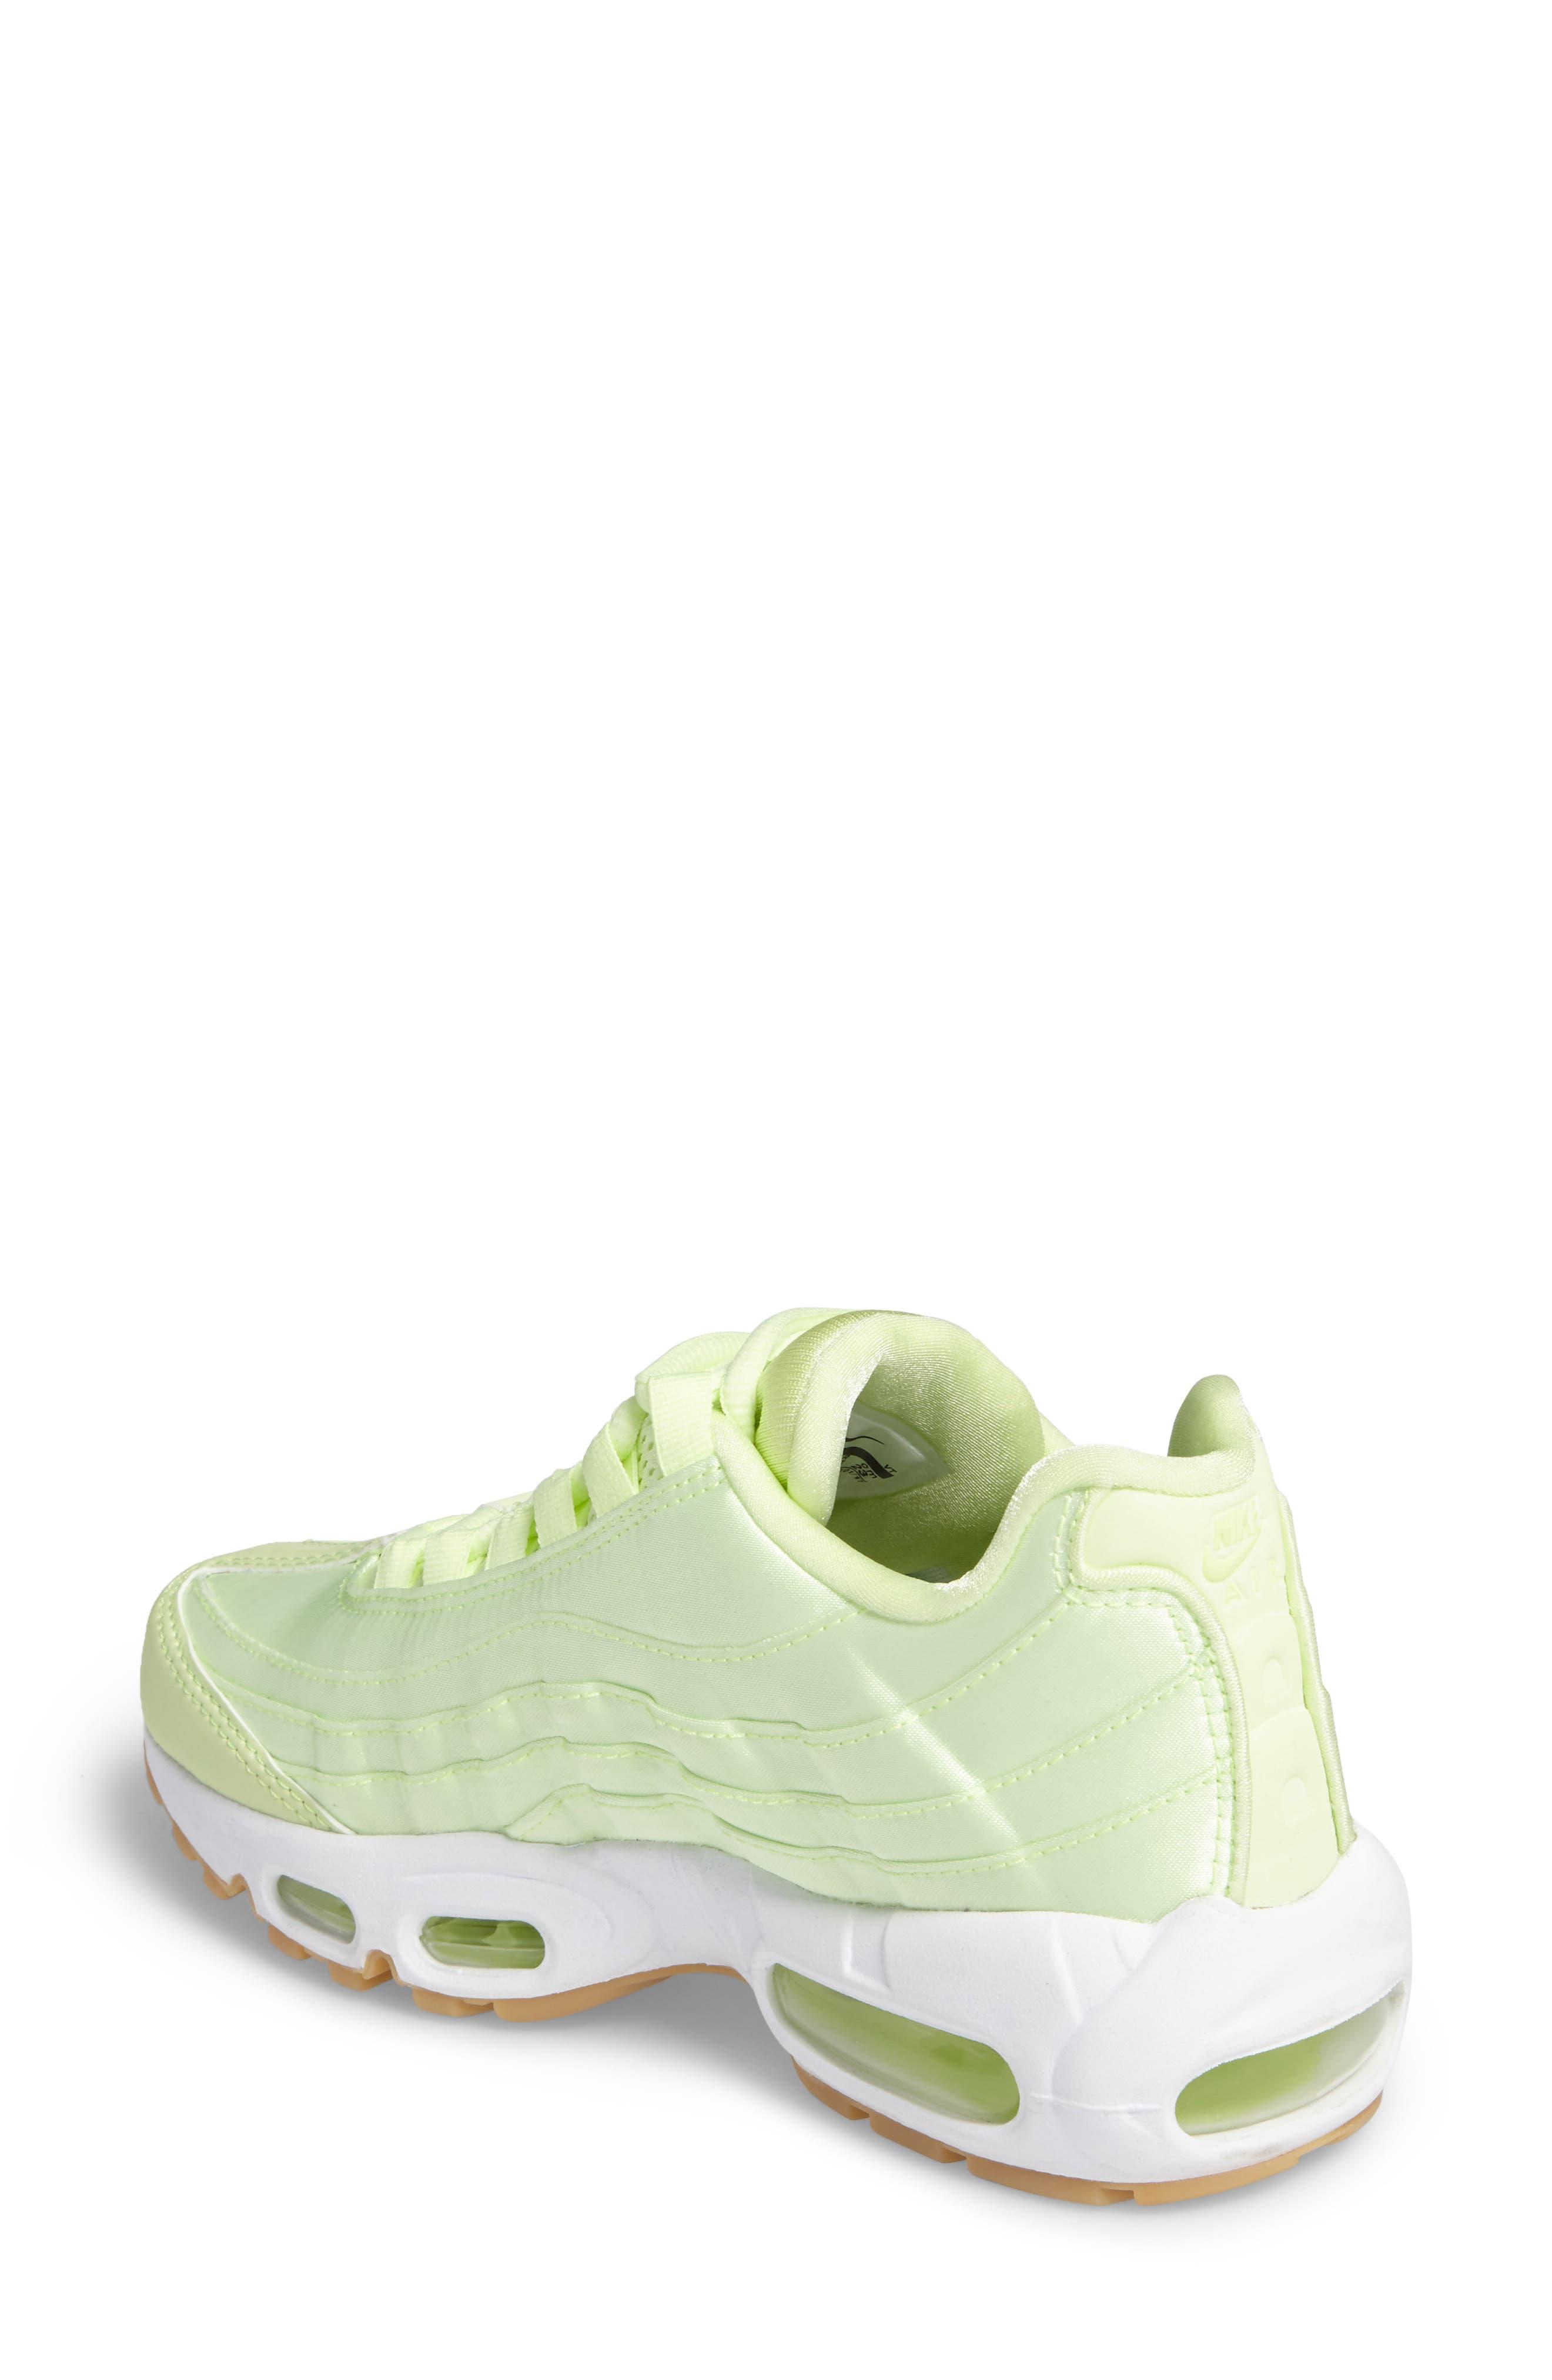 Air Max 95 QS Running Shoe,                             Alternate thumbnail 2, color,                             Liquid Lime/ Liquid Lime